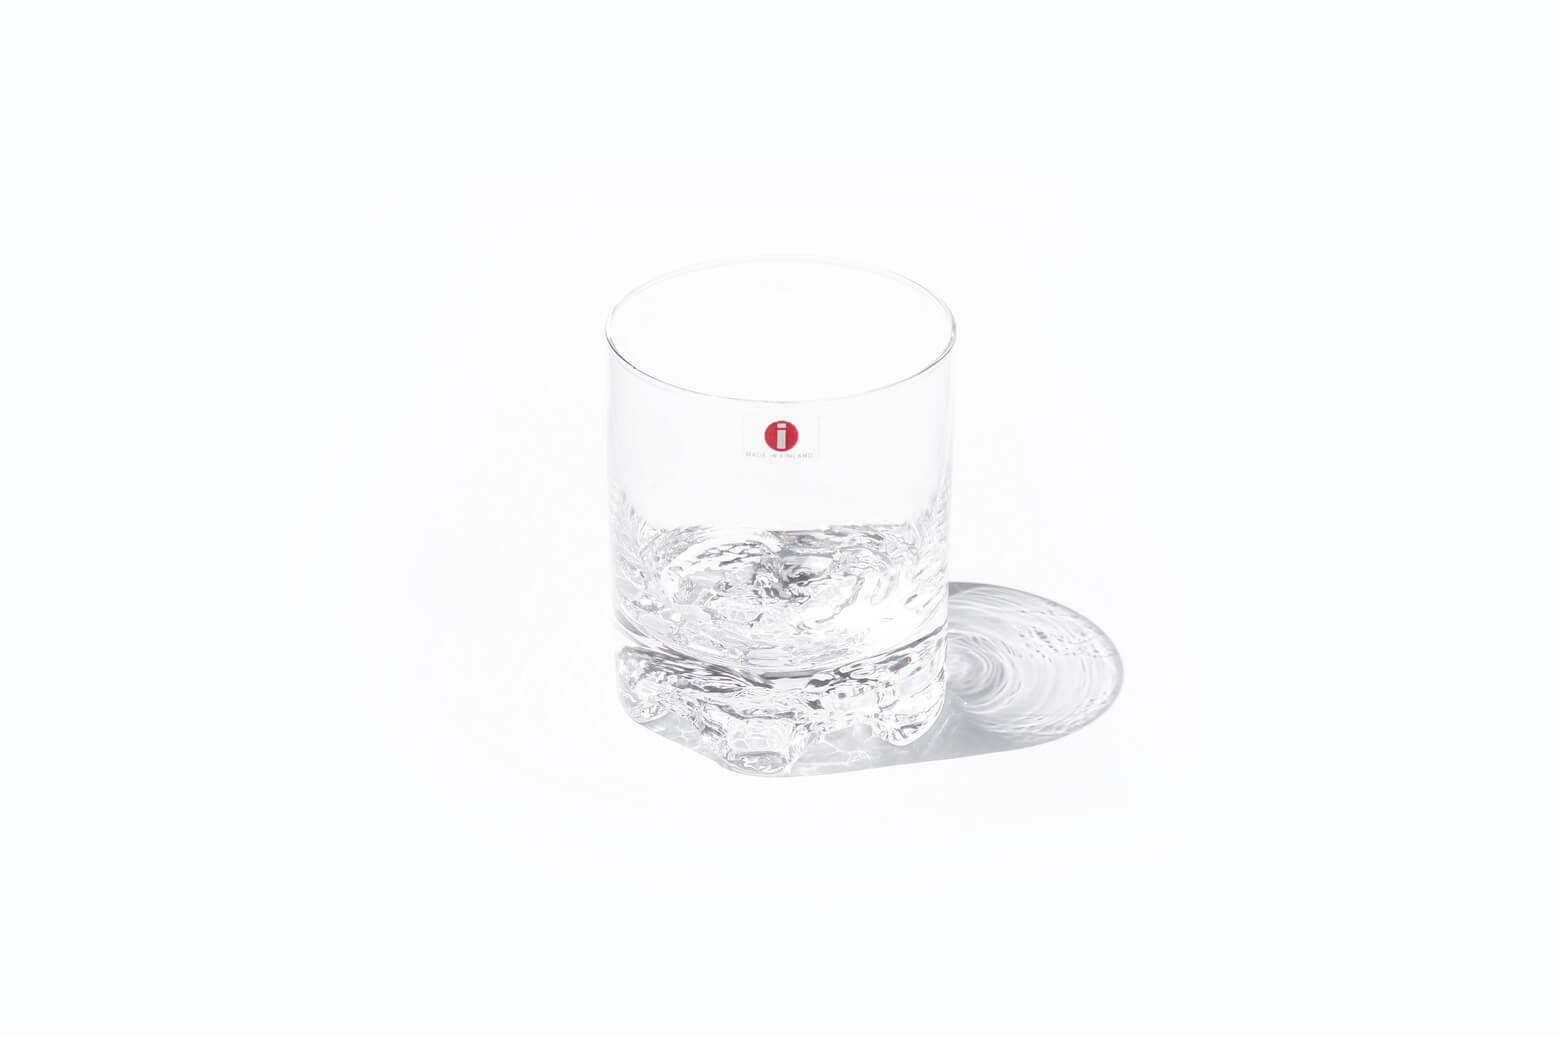 iittala Gaissa Tapio Wirkkala/イッタラ ガイサ タピオ・ウィルカラ 北欧食器 ガラス